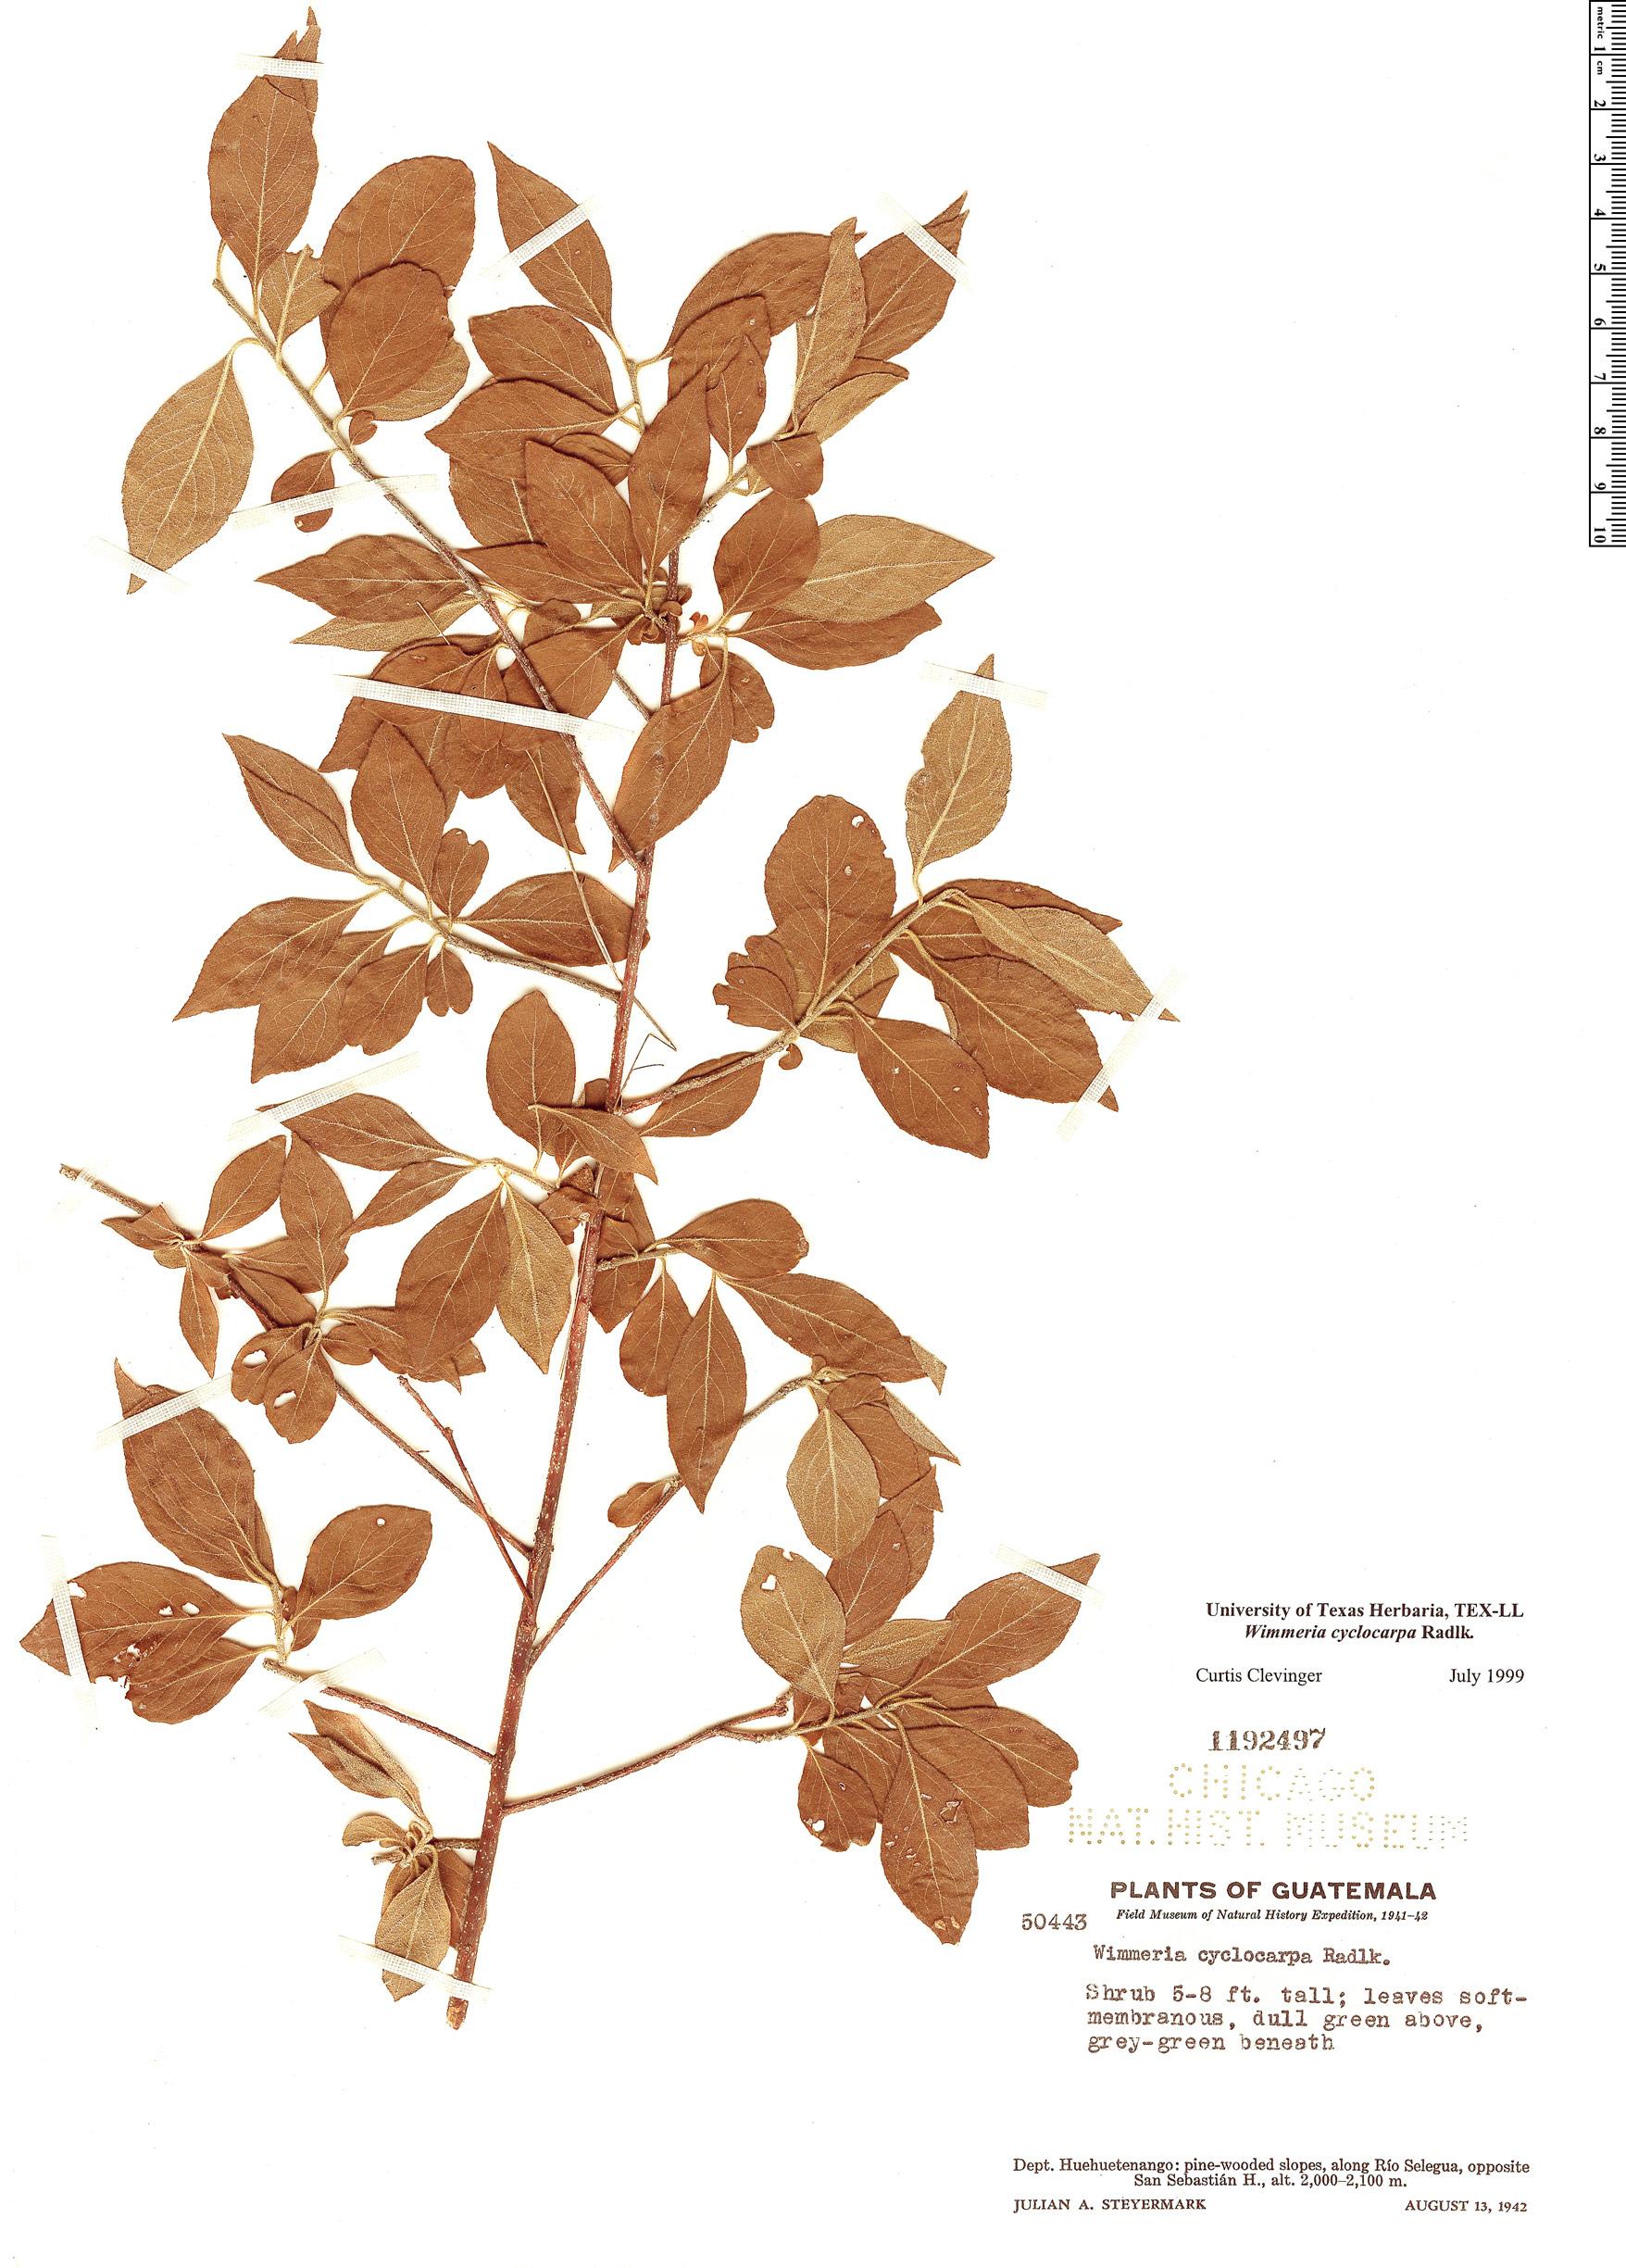 Specimen: Wimmeria cyclocarpa